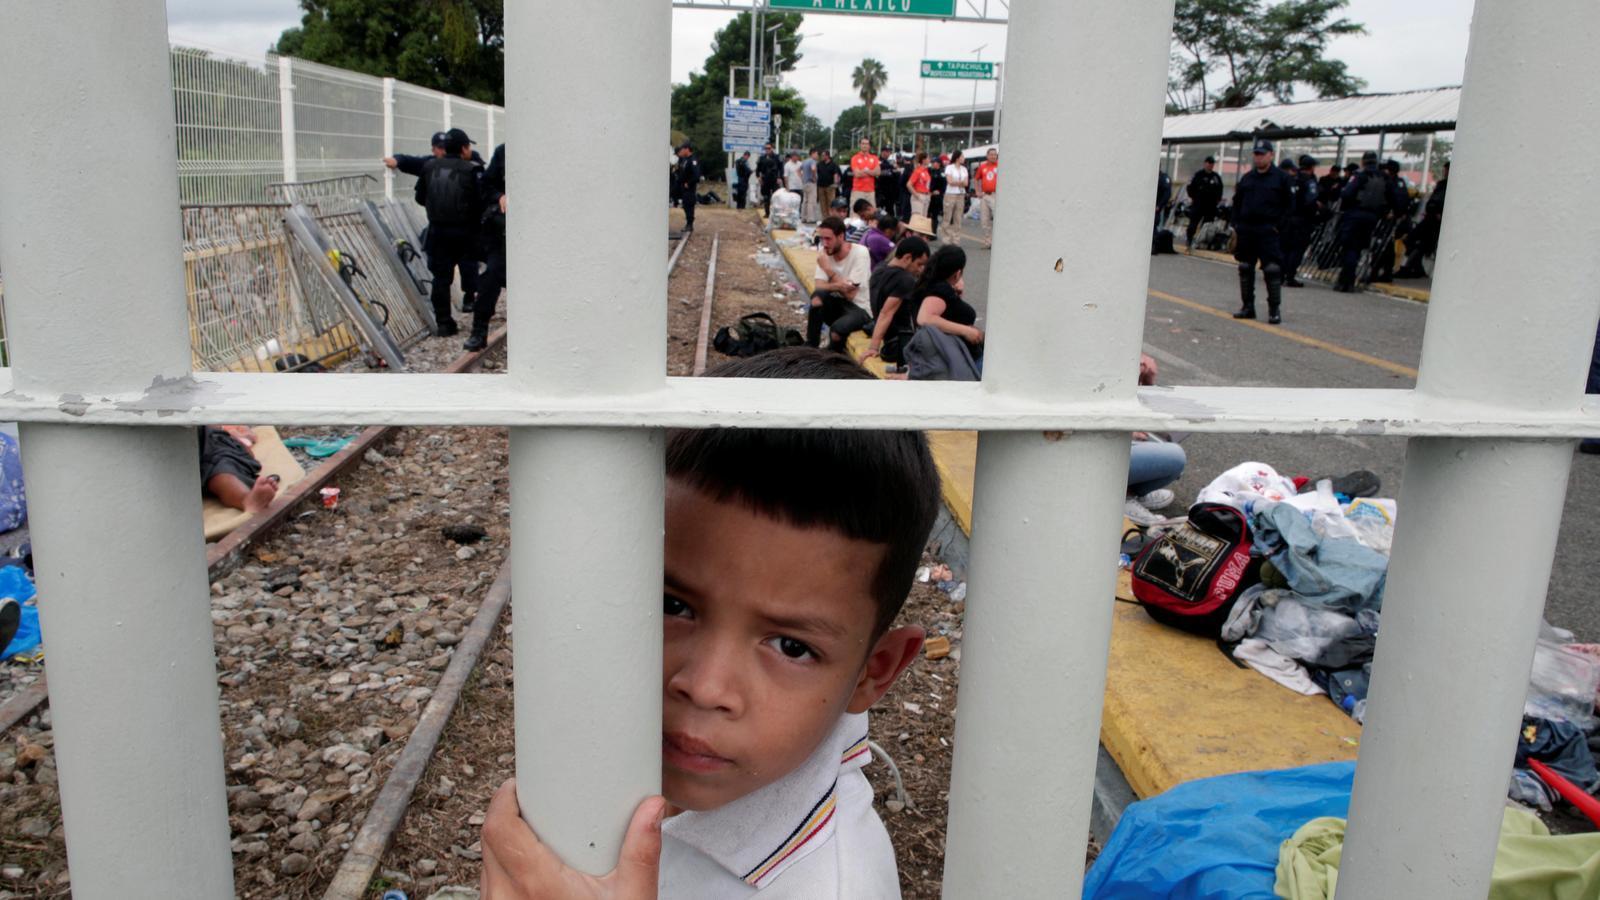 La caravana de migrants camí dels EUA.